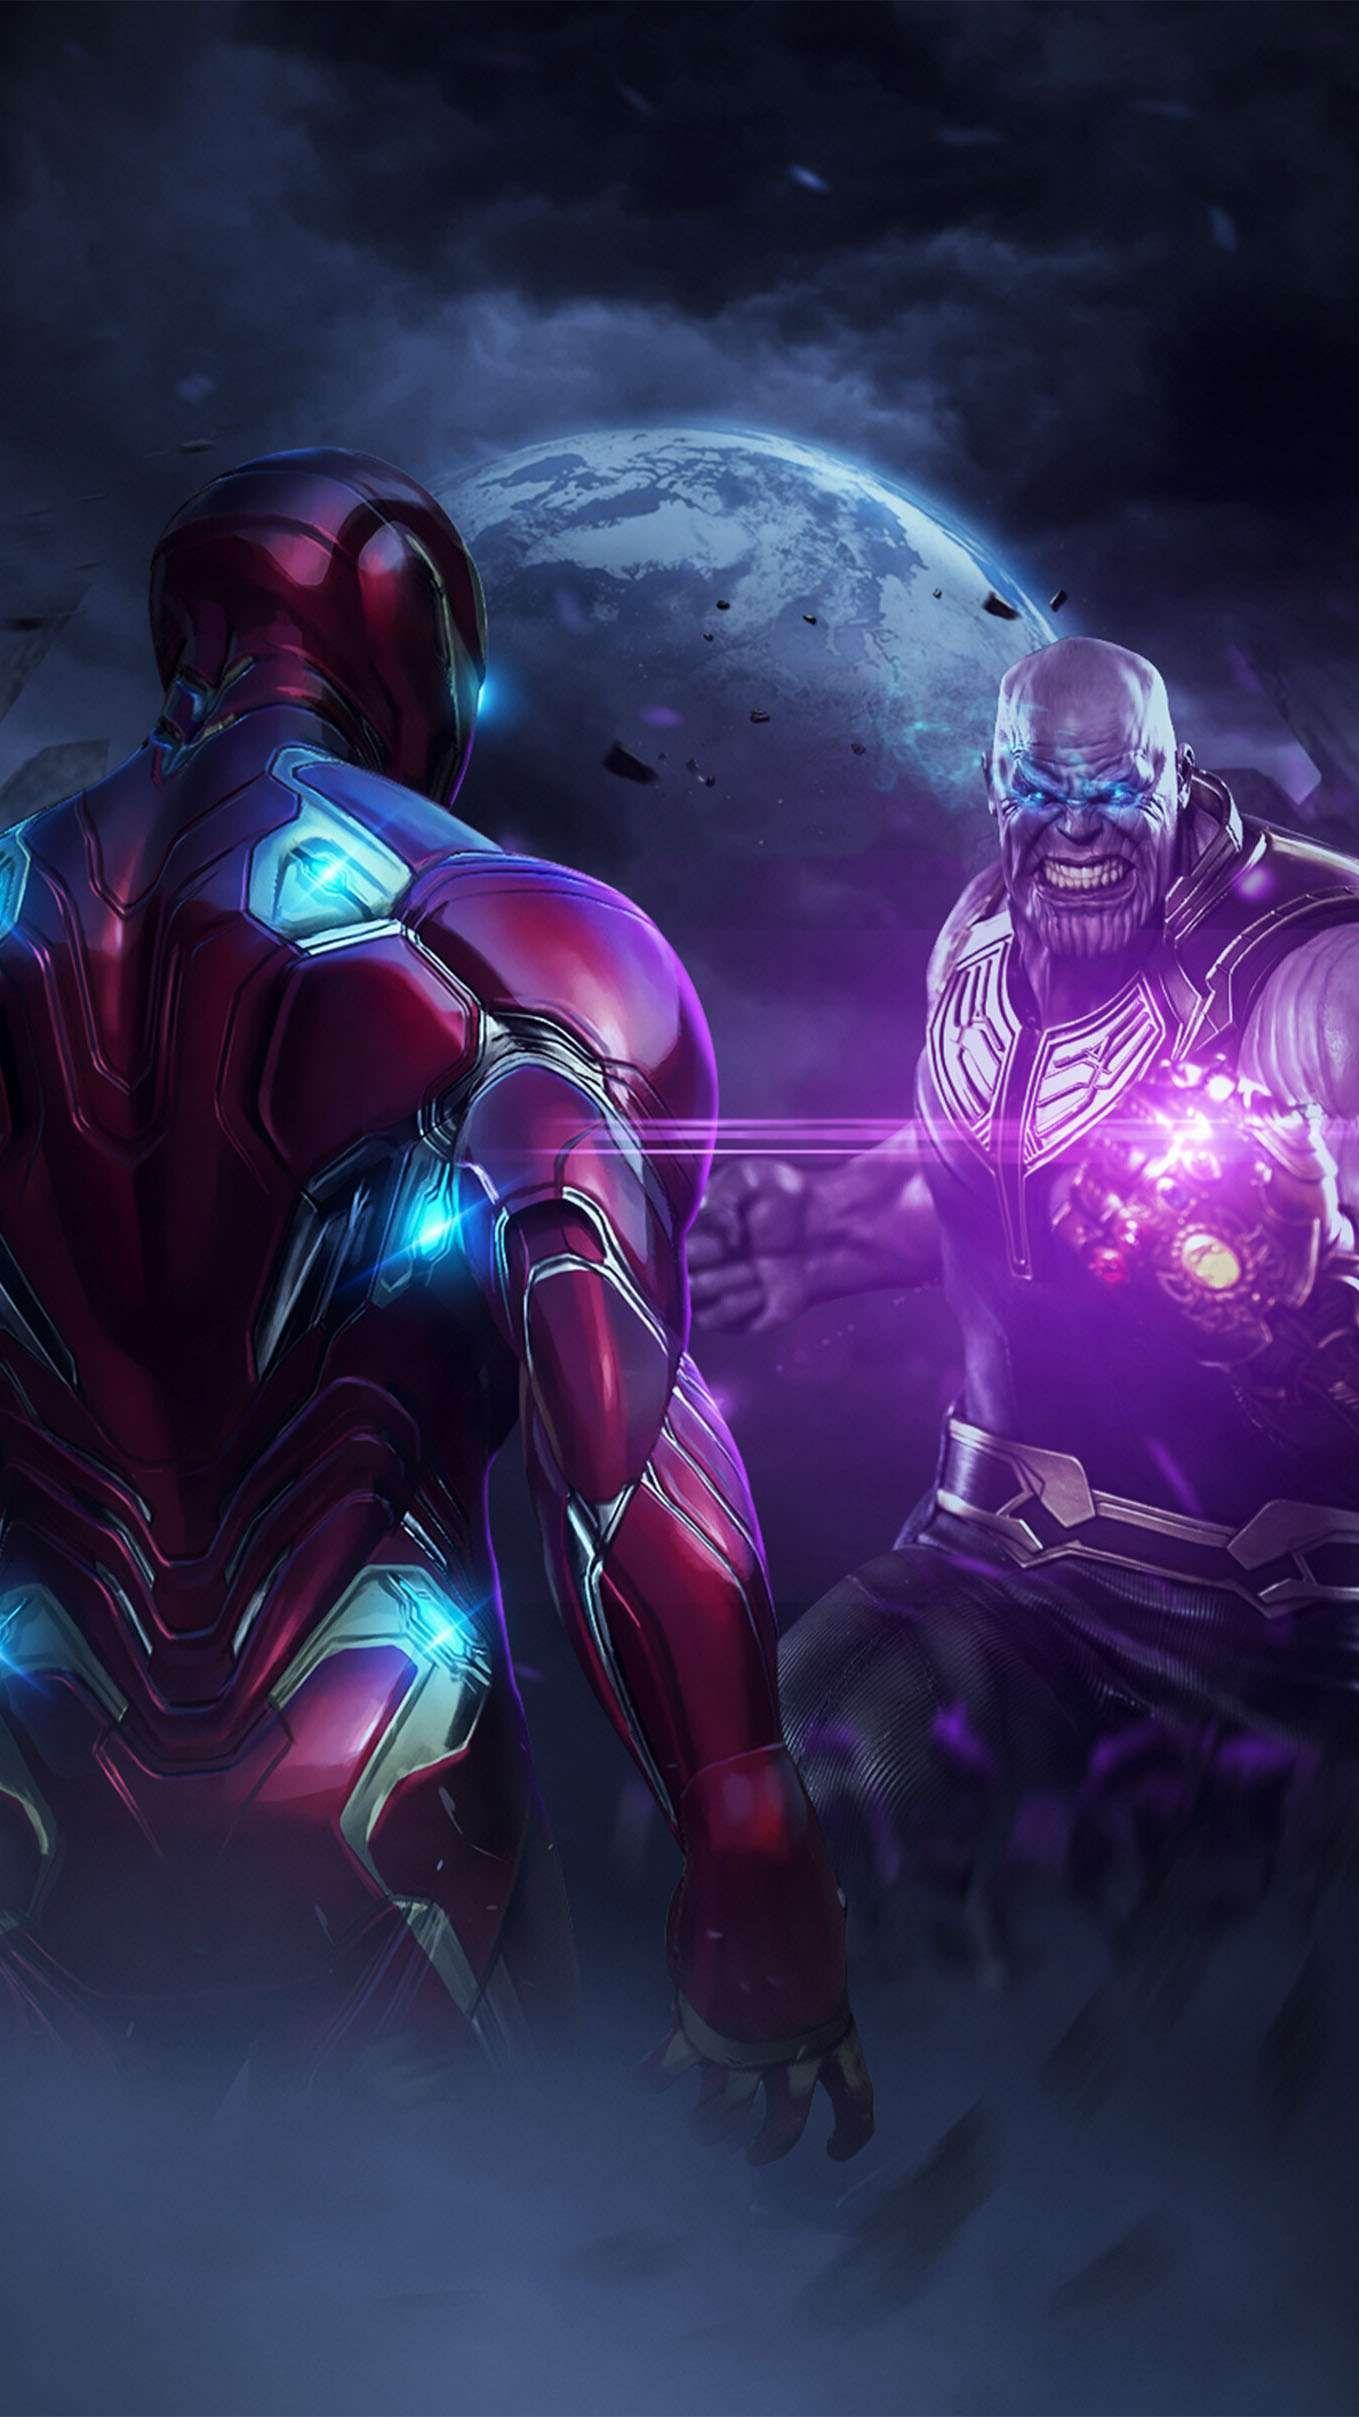 Iron Man Vs Thanos Endgame Iphone Wallpaper Iron Man Wallpaper